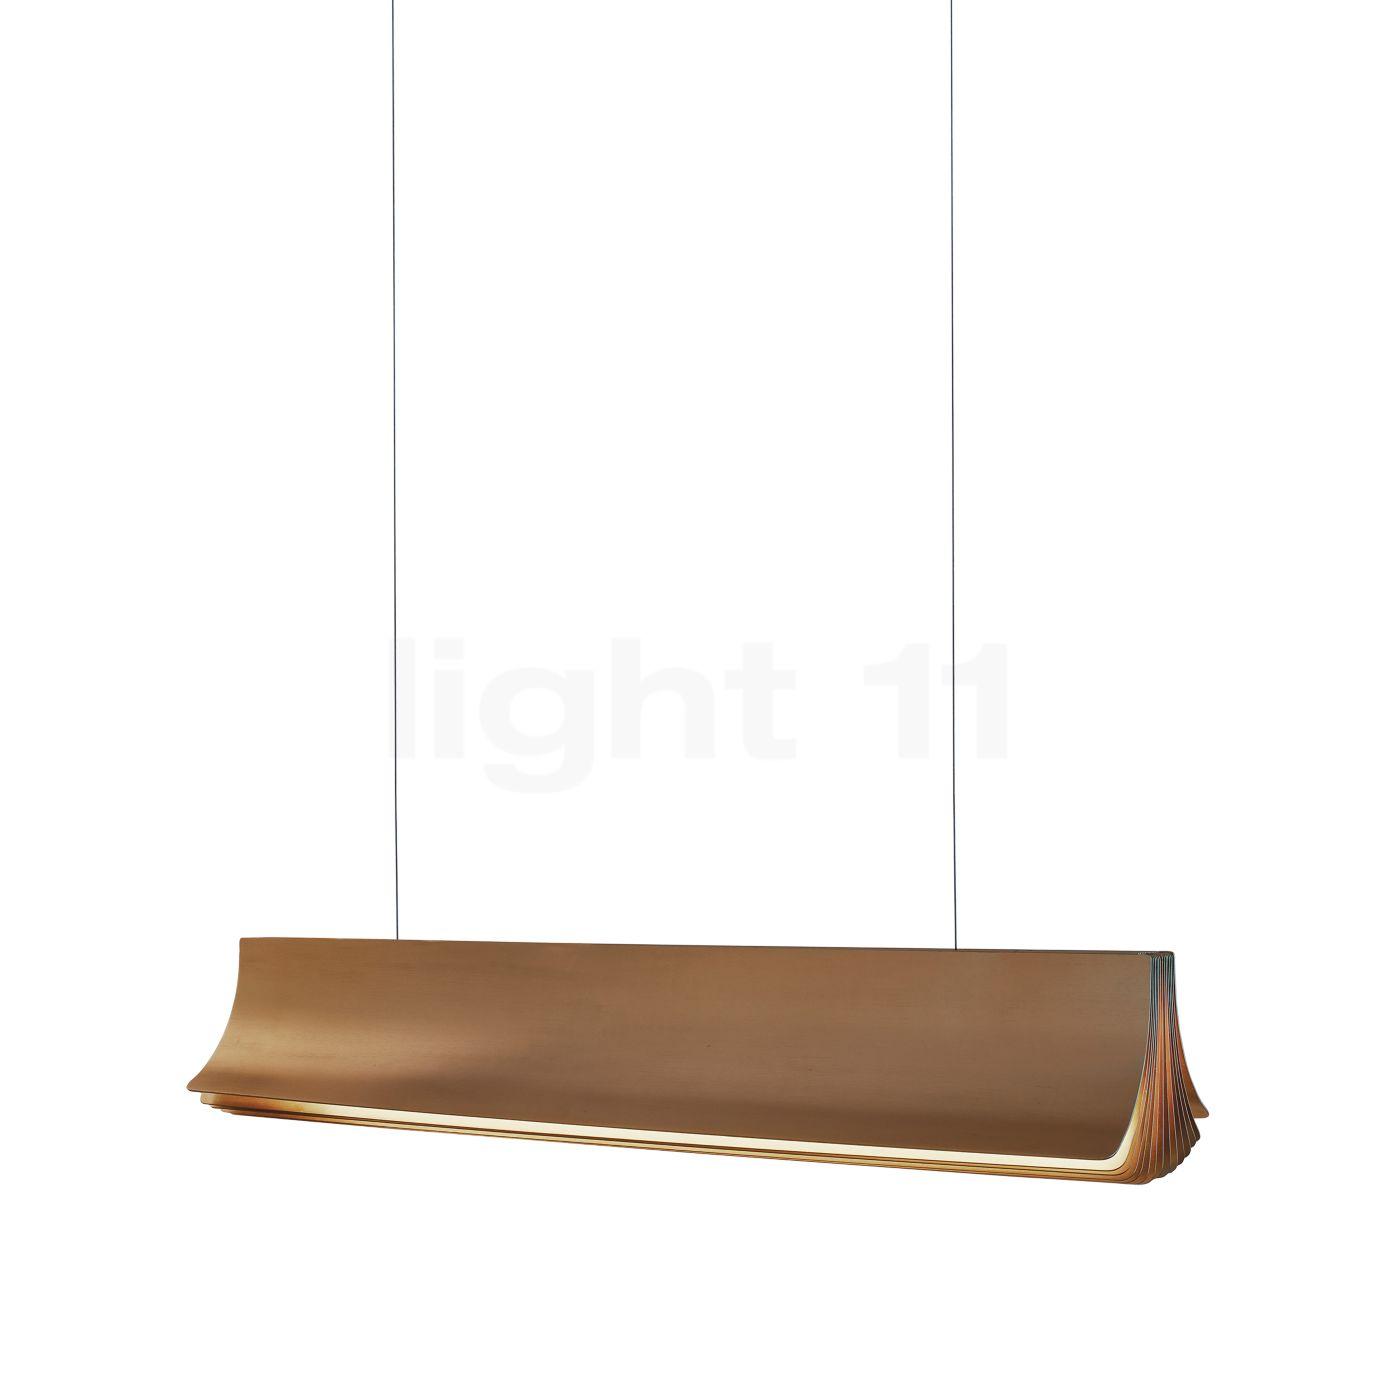 DCW Respiro Pendelleuchte LED, gold, 90 cm RESPIRO 900 GOLD-GOLD